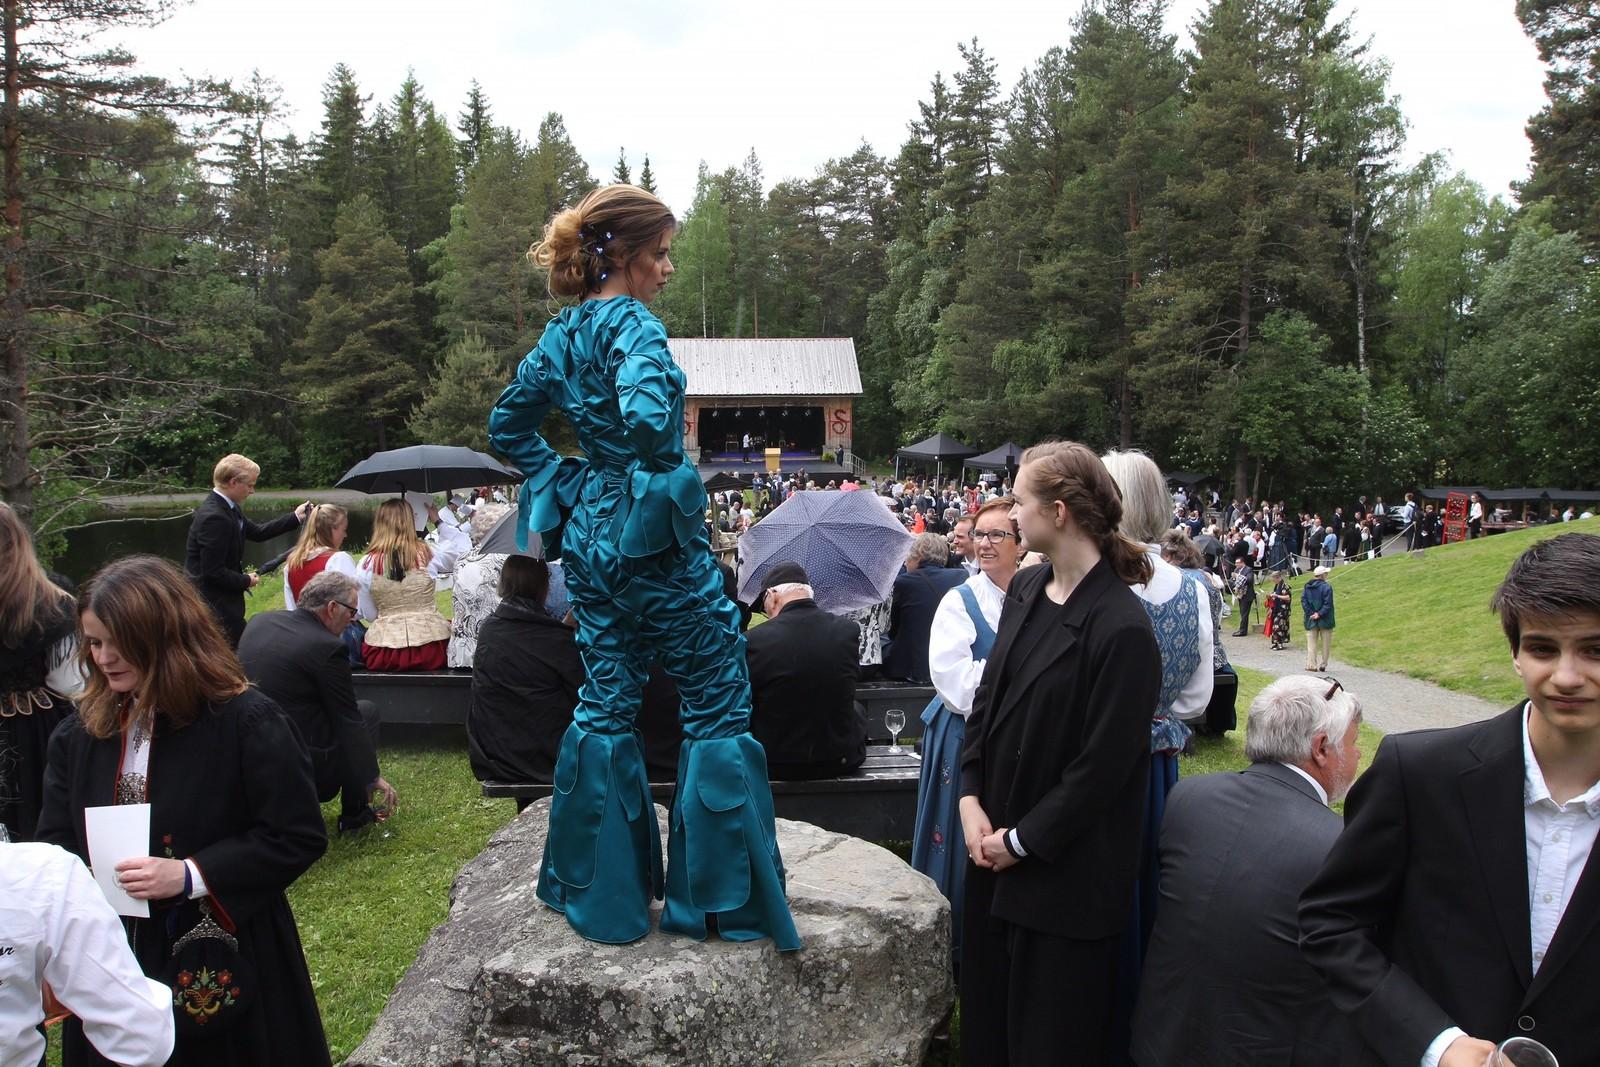 Festen ble arrangert med god hjelp fra 250 yrkesfagelever fra 13 videregående skoler. Elever fra Kjole- og drakt, Lillehammer videregående skole, viste fram 30 antrekk med ulik inspirasjon.